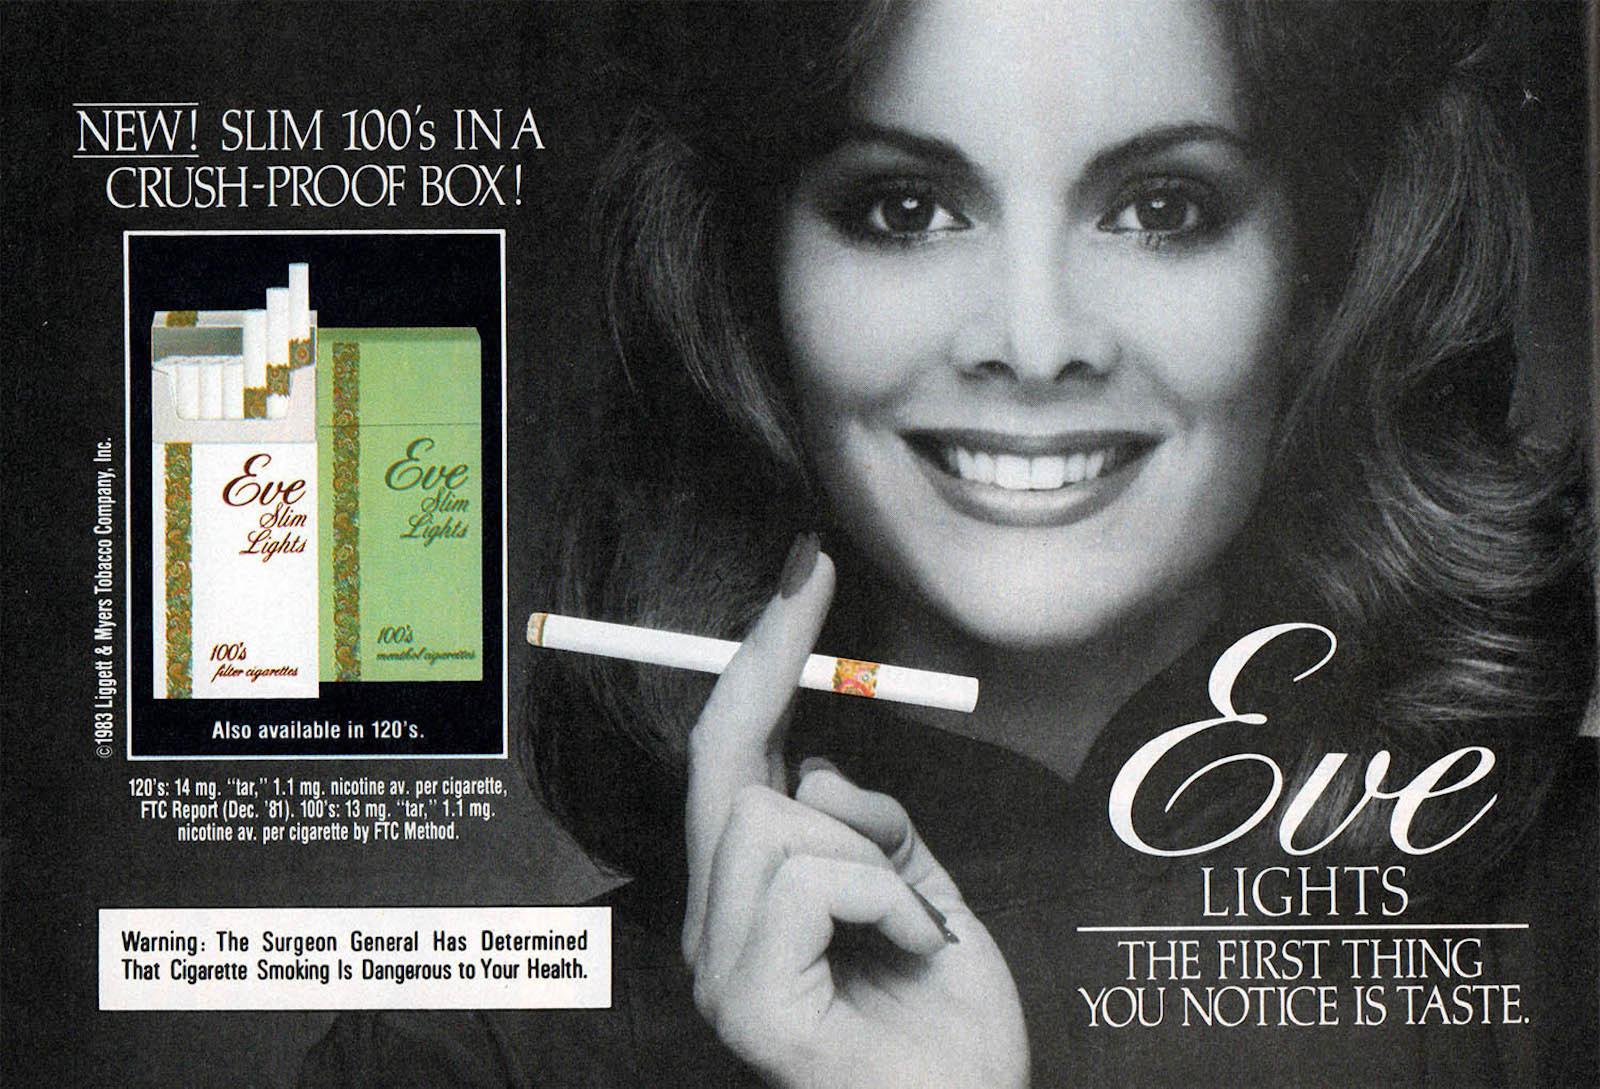 революционный сигареты реклама картинки точно будете